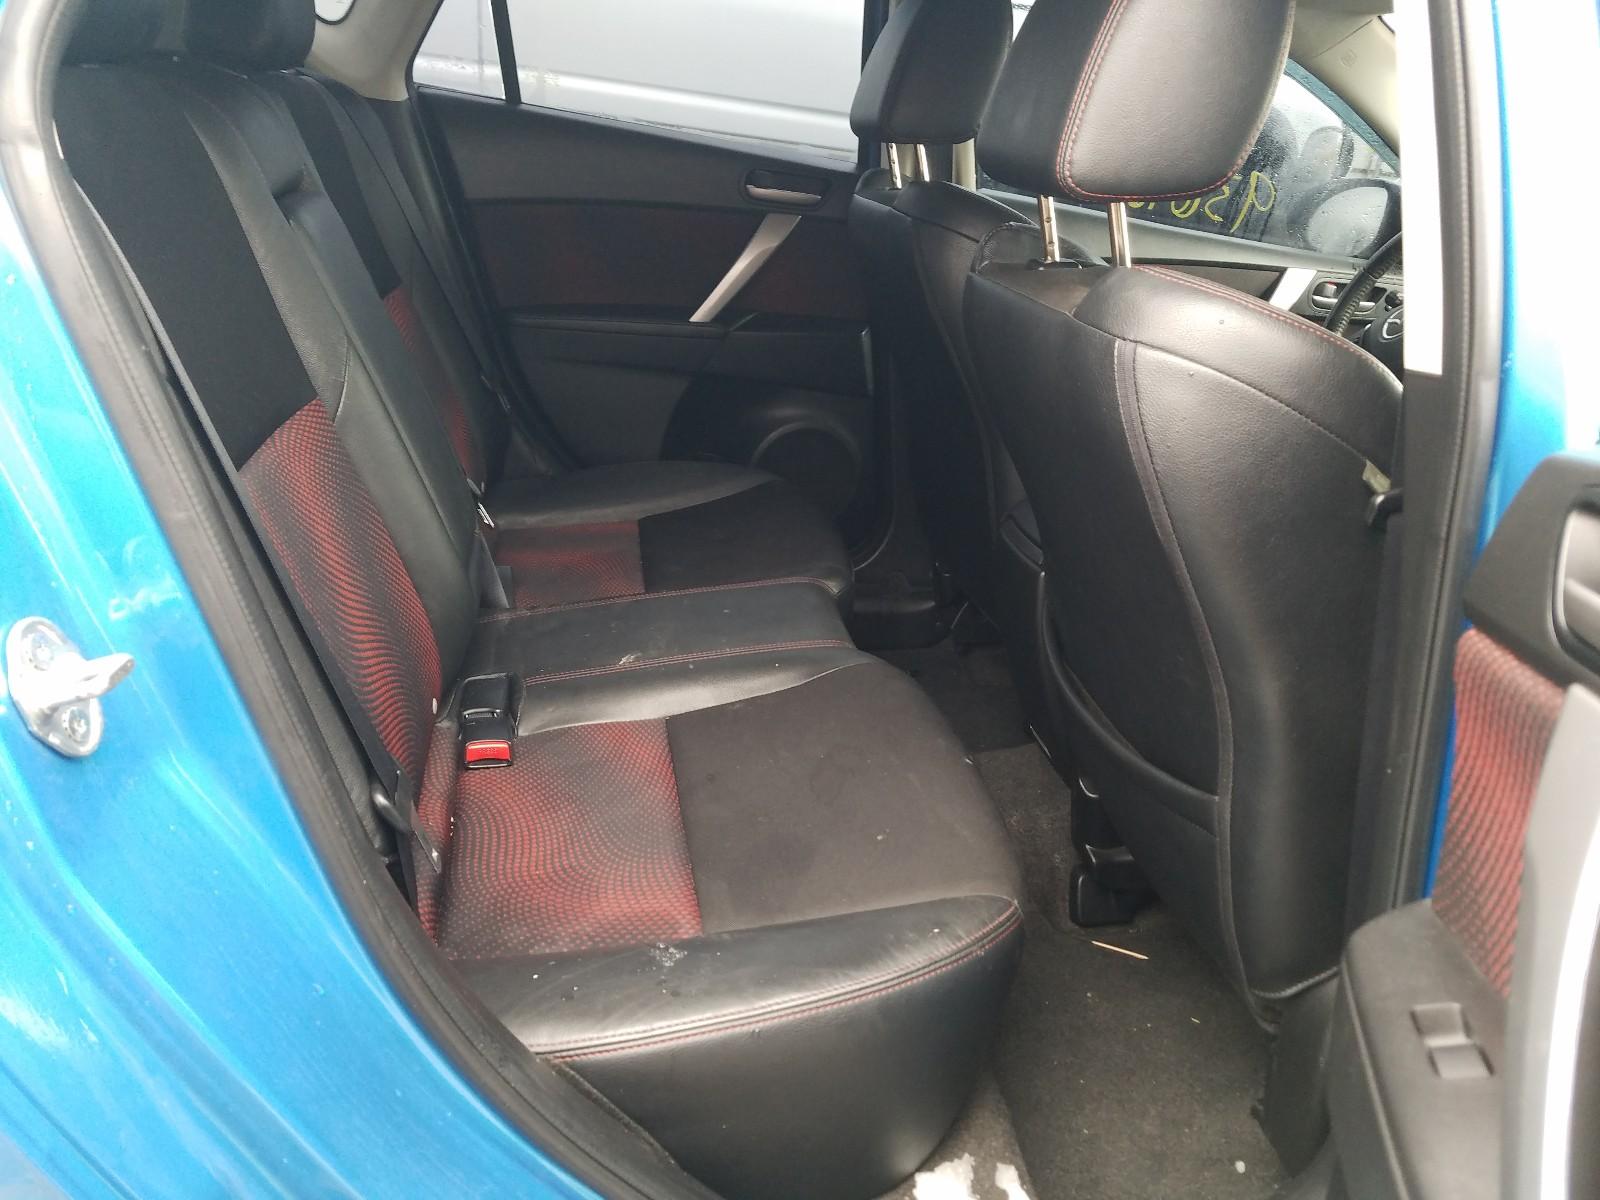 JM1BL1K37B1400261 - 2011 Mazda Speed 3 2.3L detail view